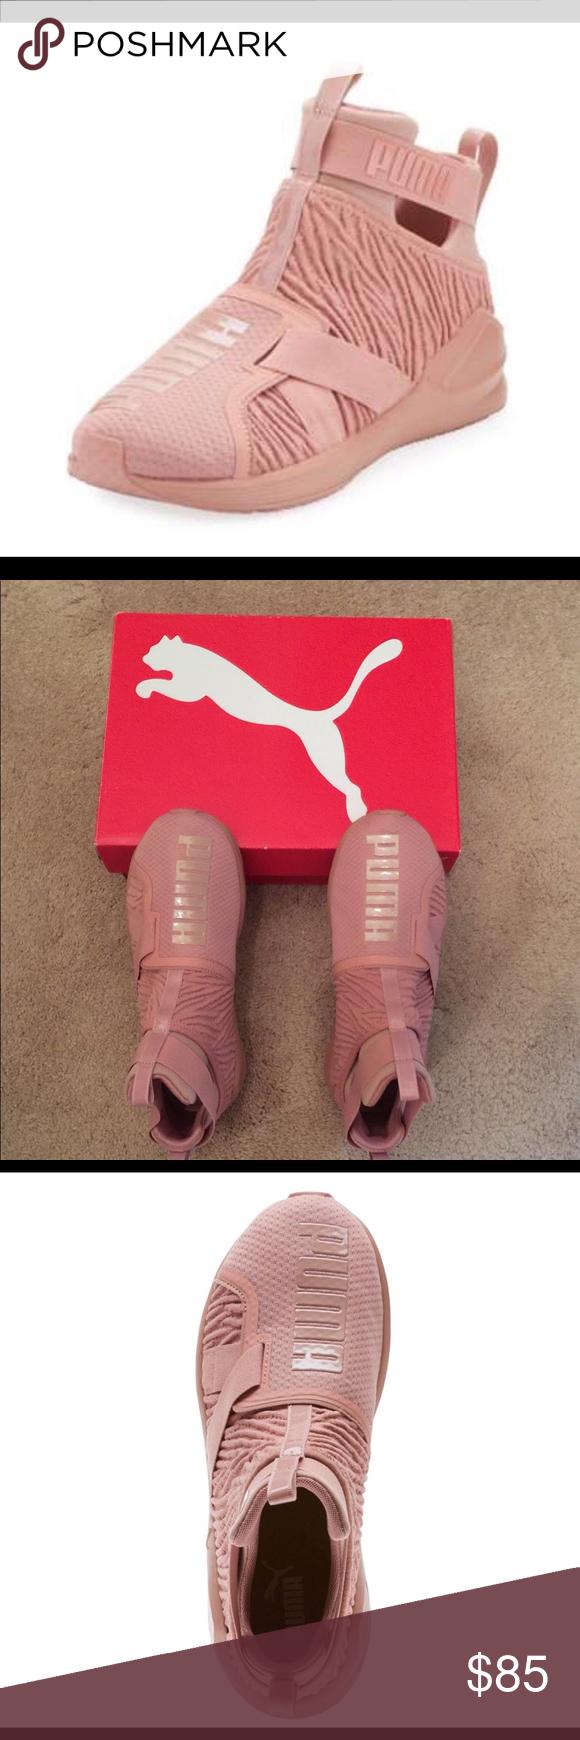 6c70761232e2 Puma Fierce Strap Hypernature Stretch Sneaker 💯% authentic Puma fierce  strap hypernature textured sneaker